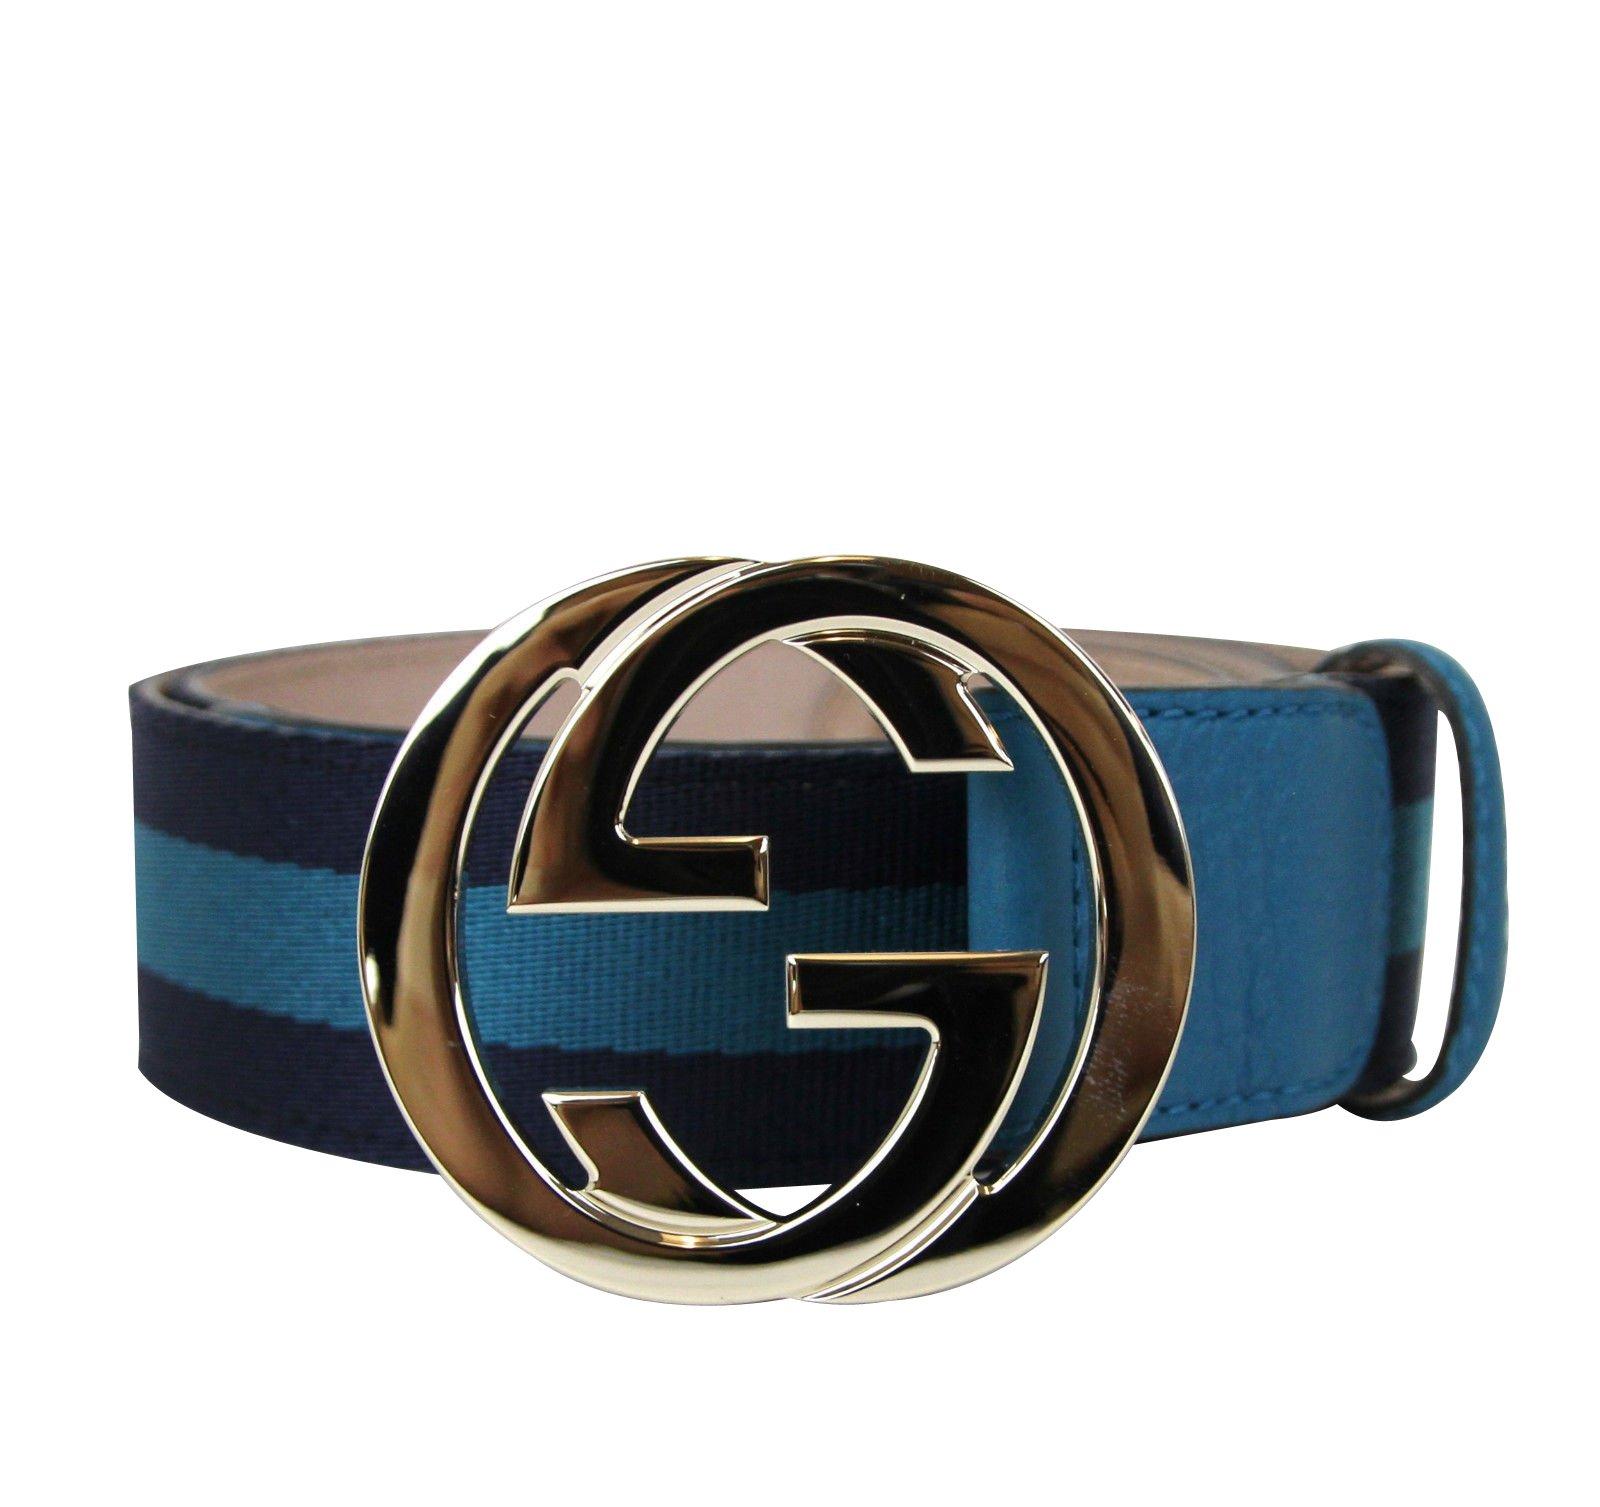 Gucci Women's Blue Webbing Interlocking G Buckle Belt 114876 4174 (85 / 34)